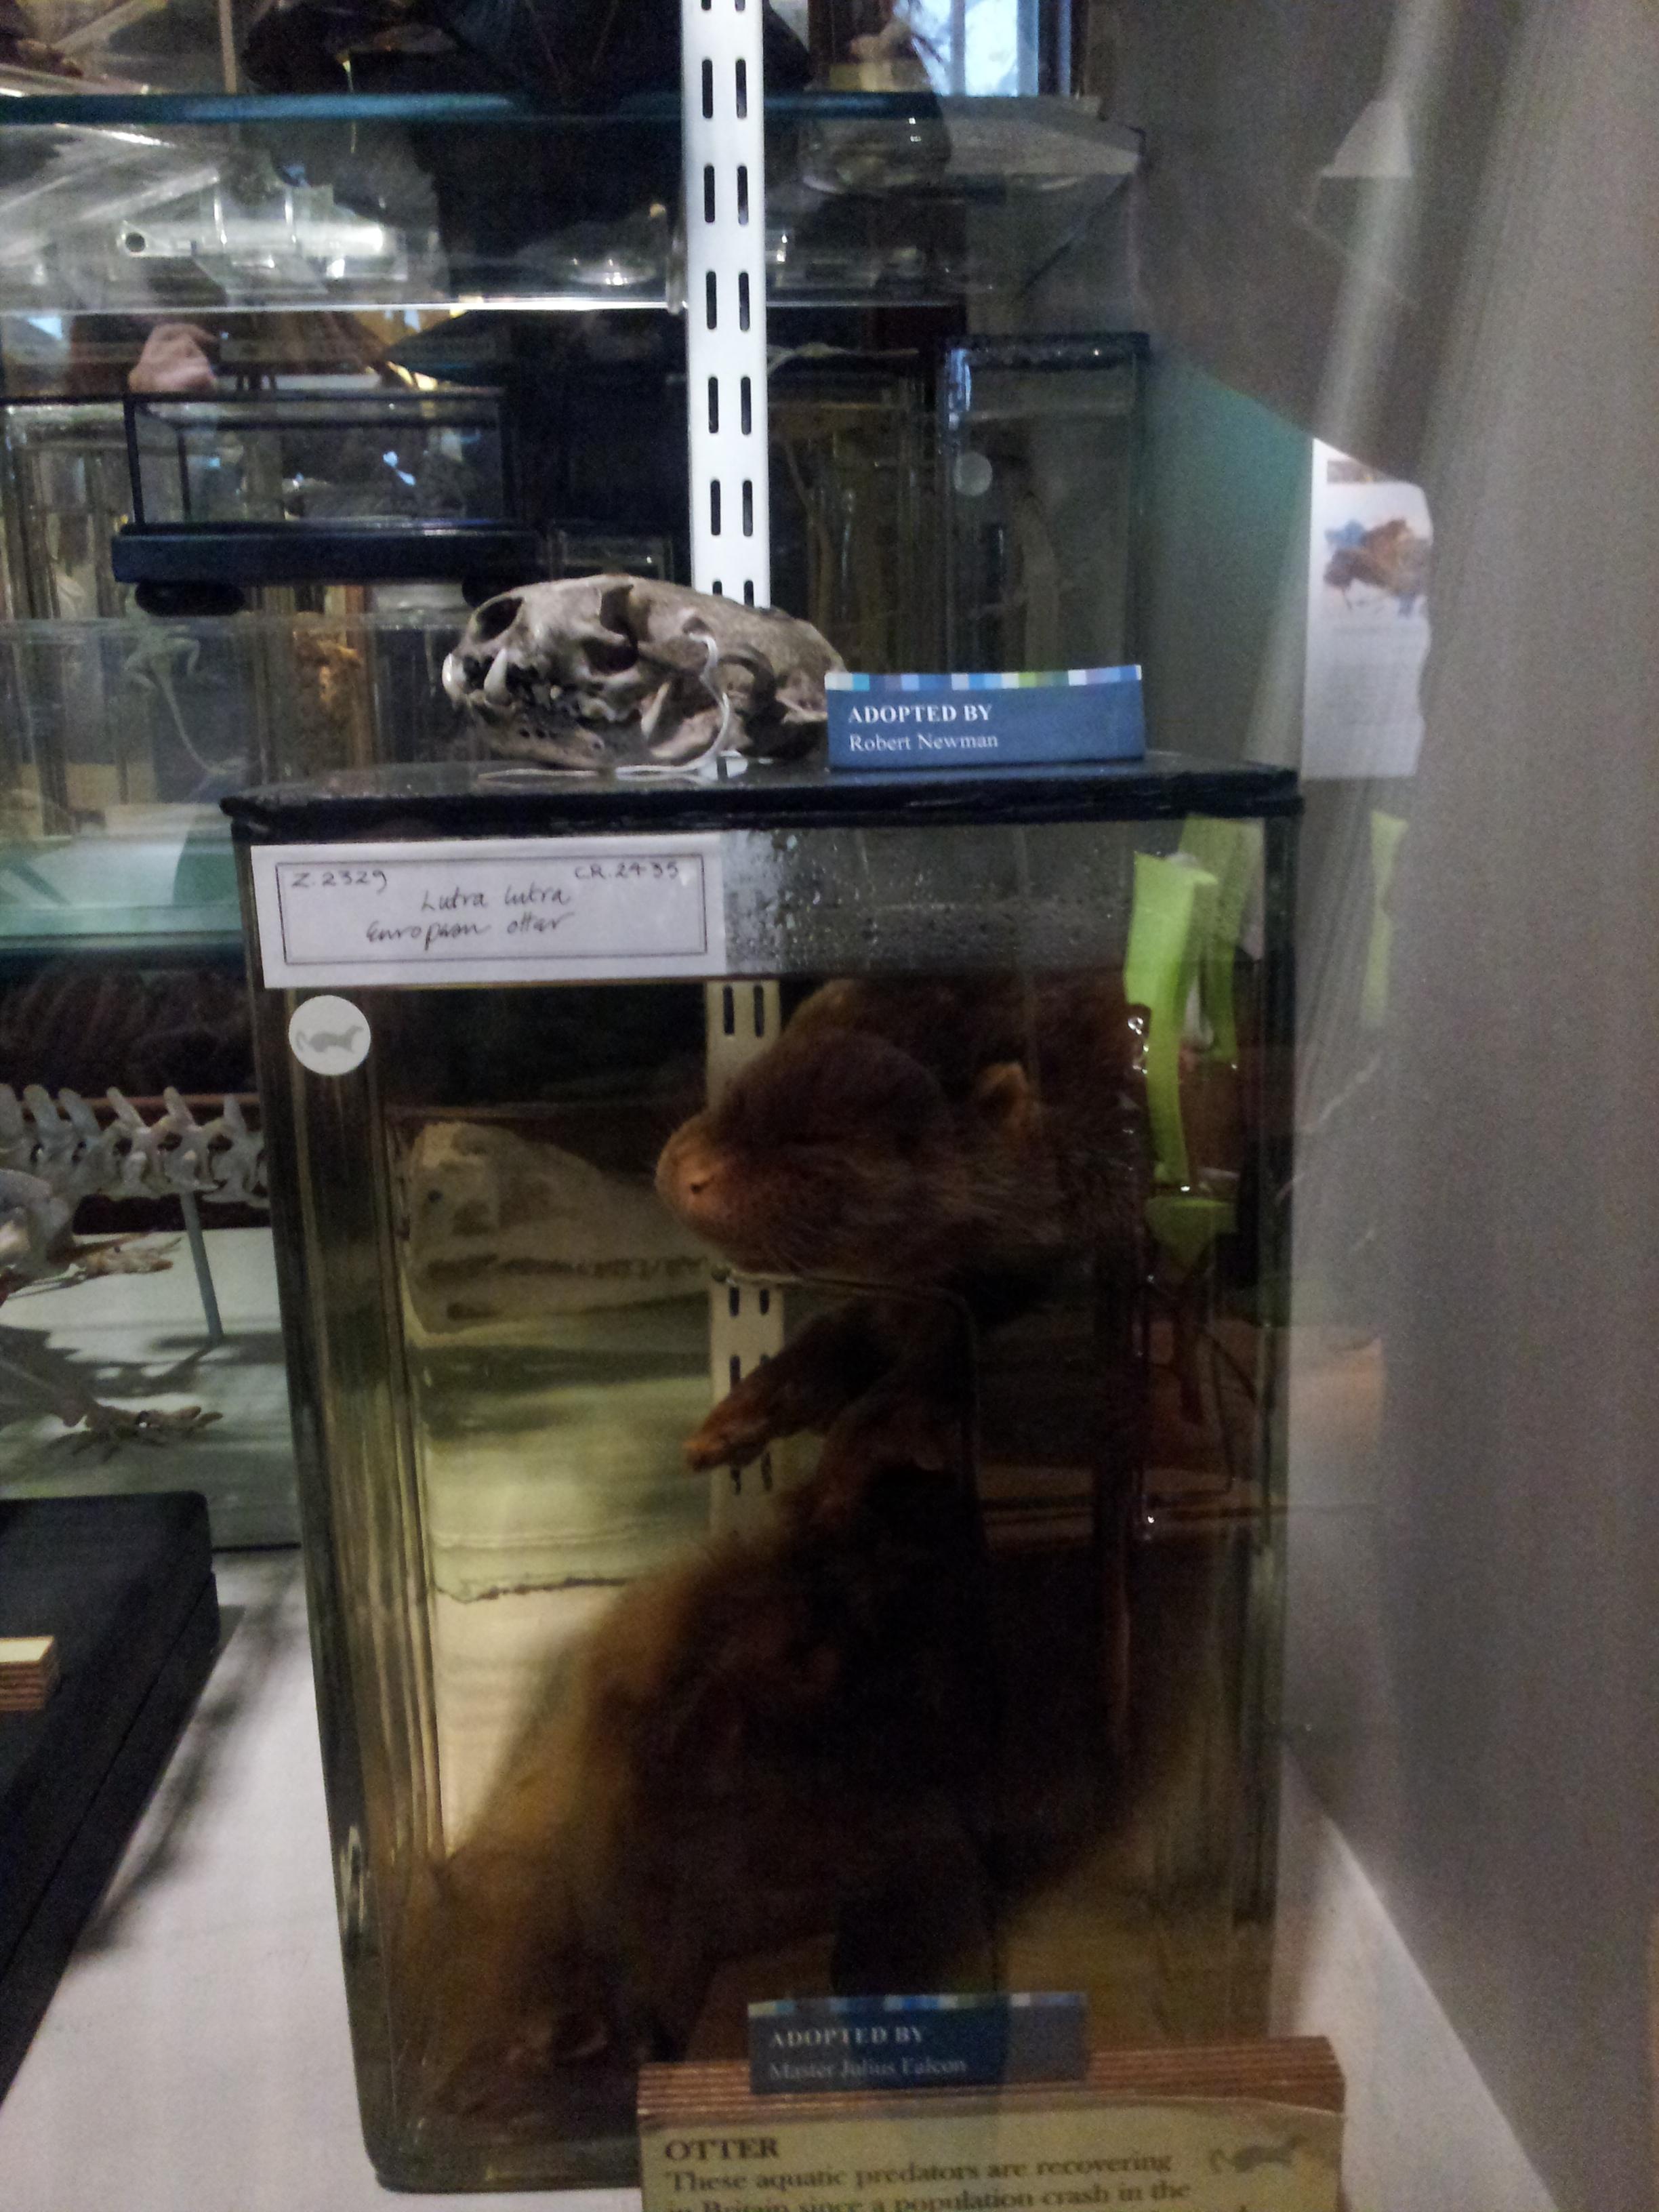 Specimen in Grant museum, UCL